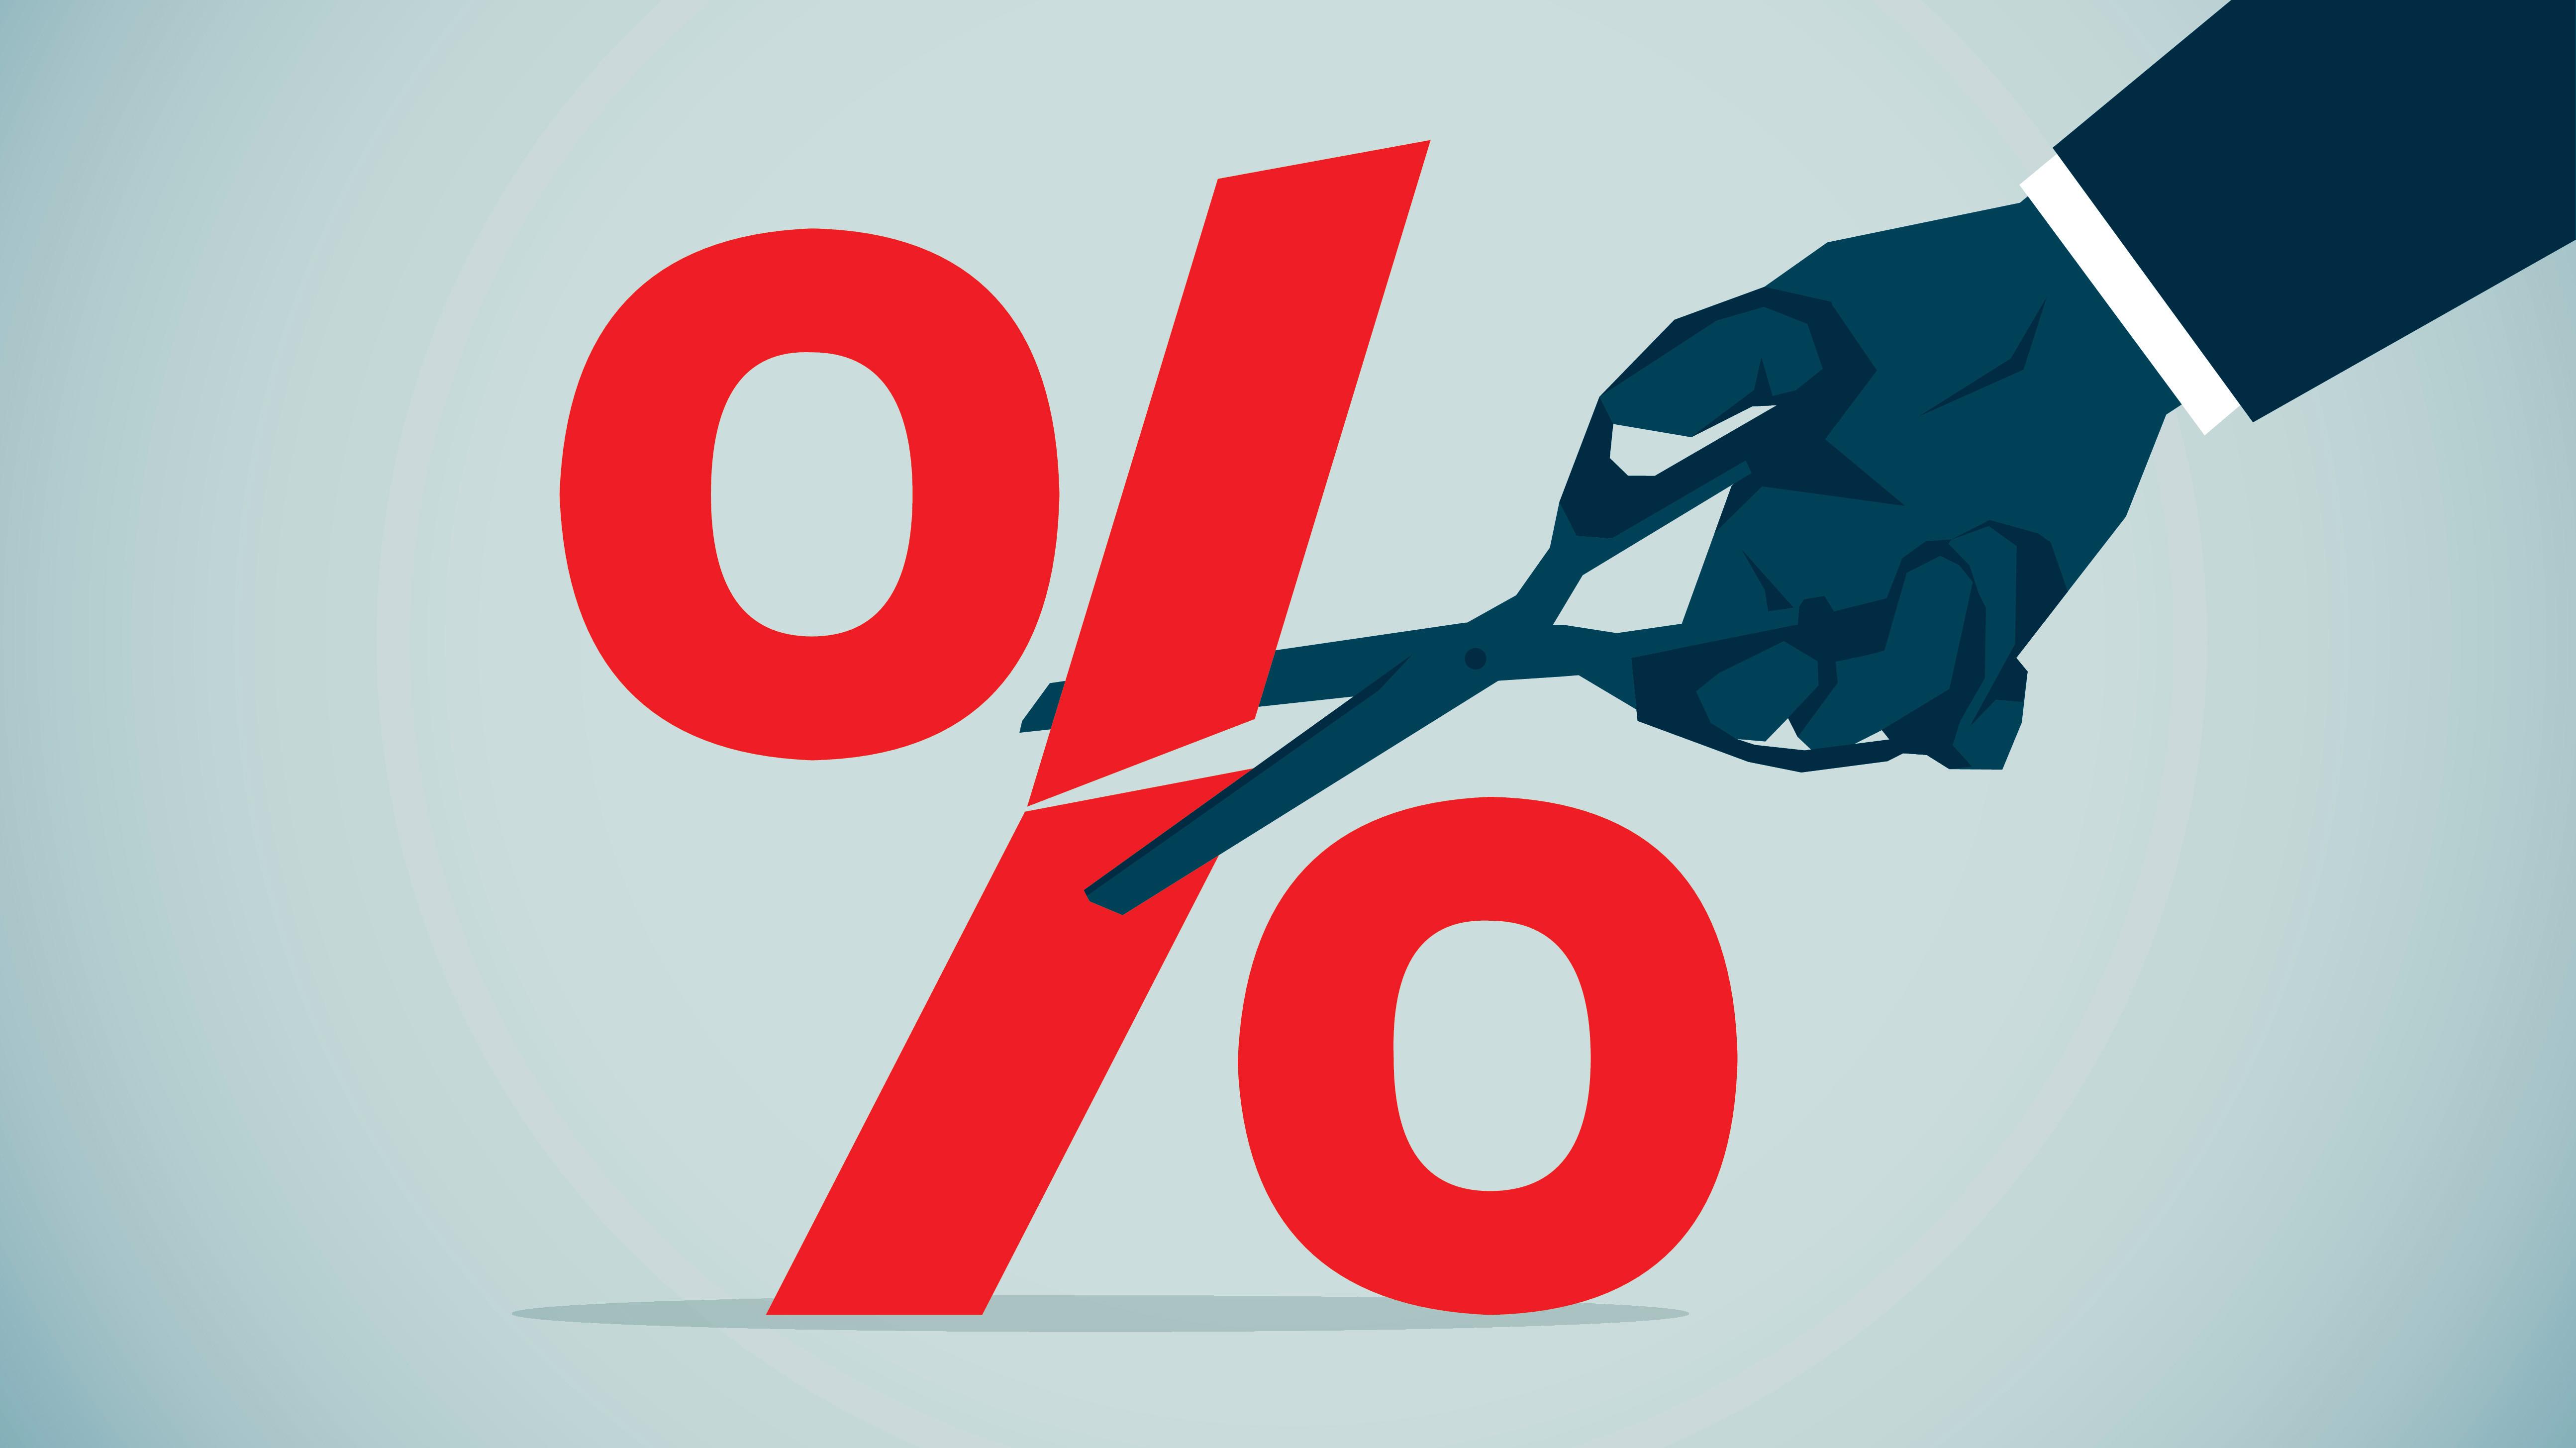 ley-de-de-tope-de-tasas-de-interes-limitaria-el-crecimiento-del-sistema-microfinanciero